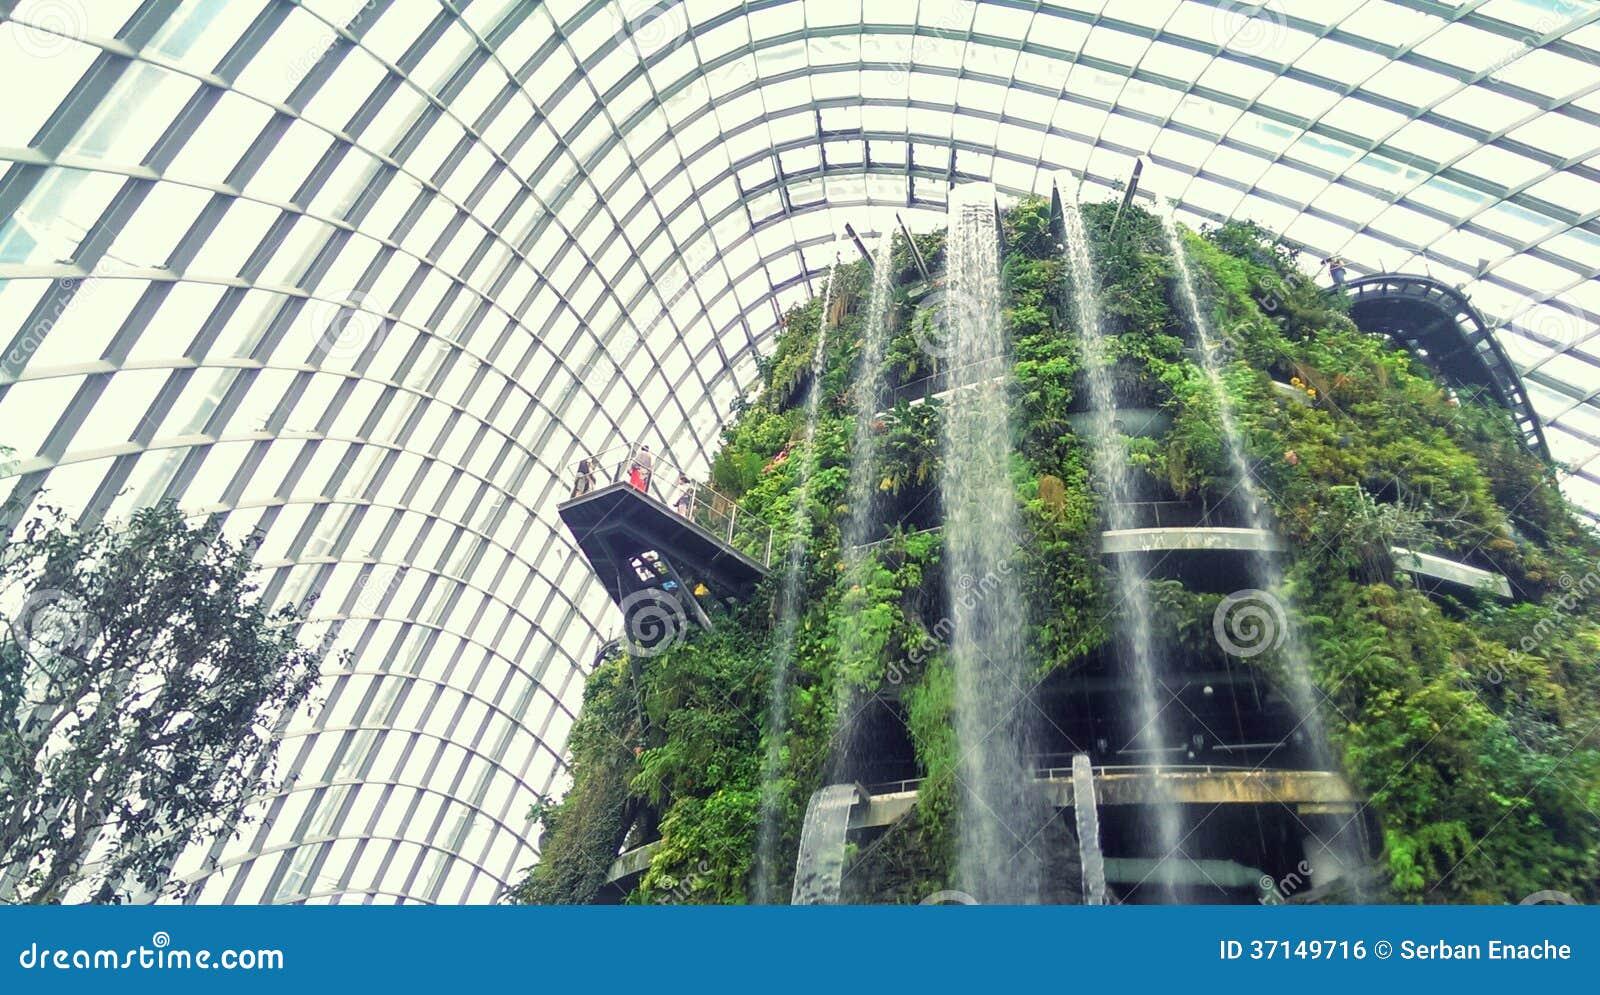 Innengarten Und Wasserfall Lizenzfreies Stockbild - Bild: 37149716